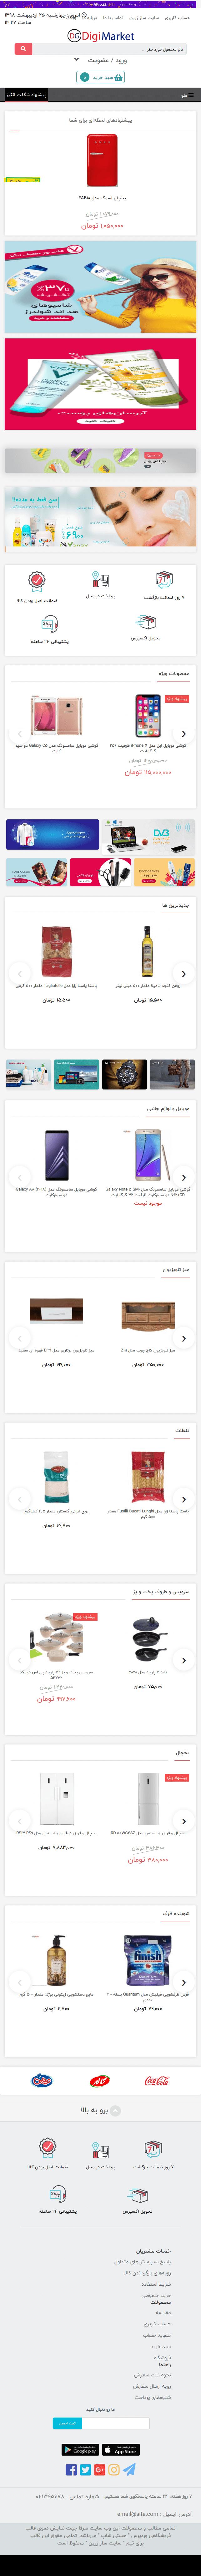 حالت تبلت سایت فروشگاهی دیجی مارکت